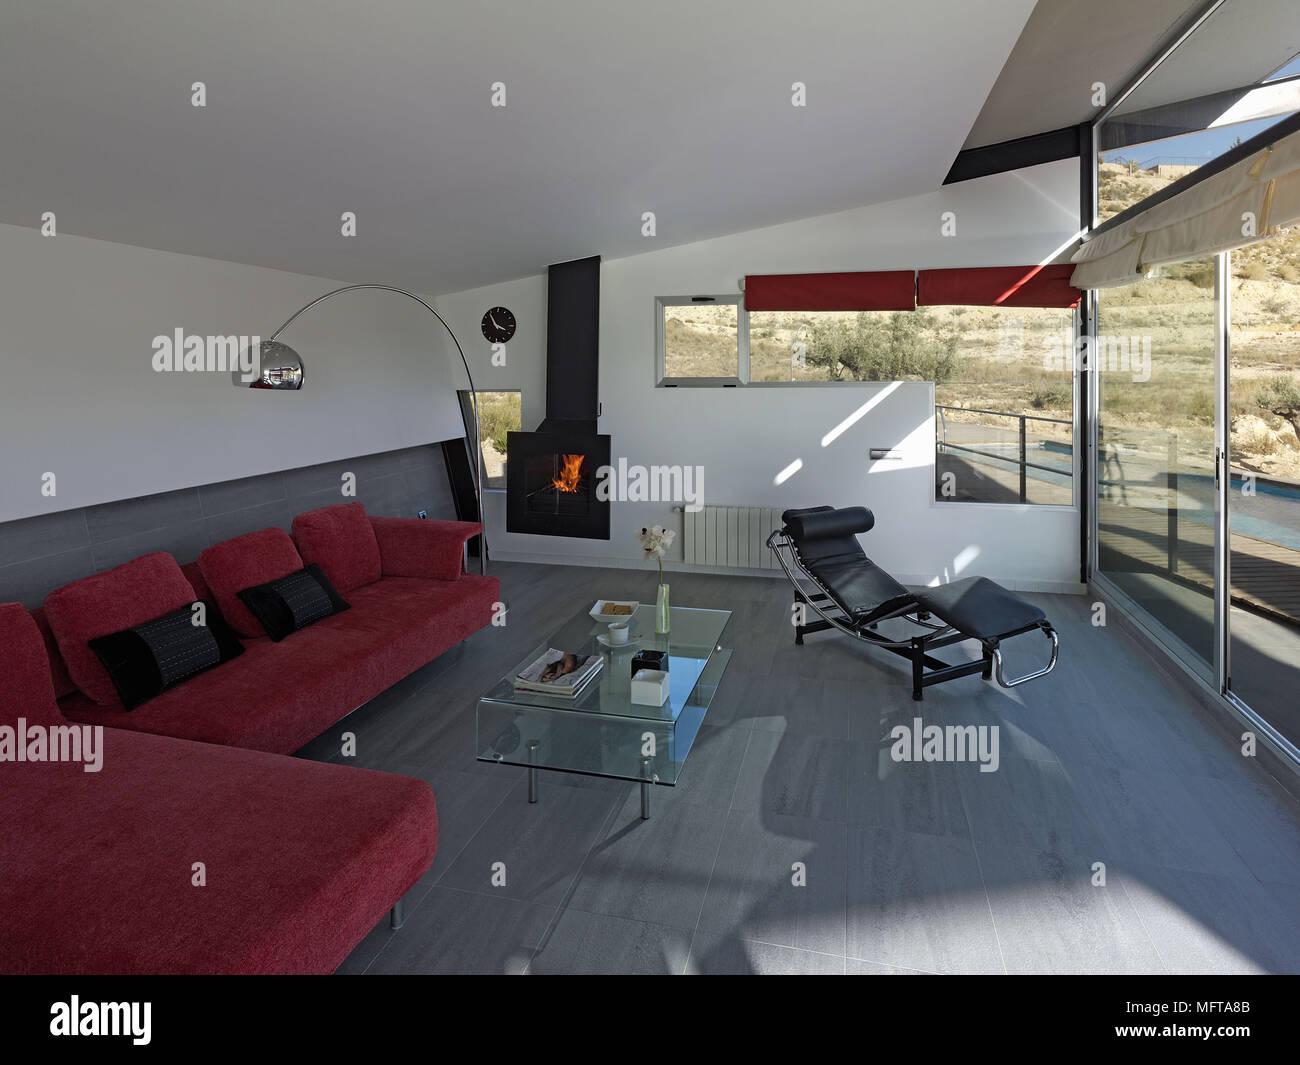 Salotto Le Corbusier.Salotto Rosso E Le Corbusier Poltrona Reclinabile In Moderno